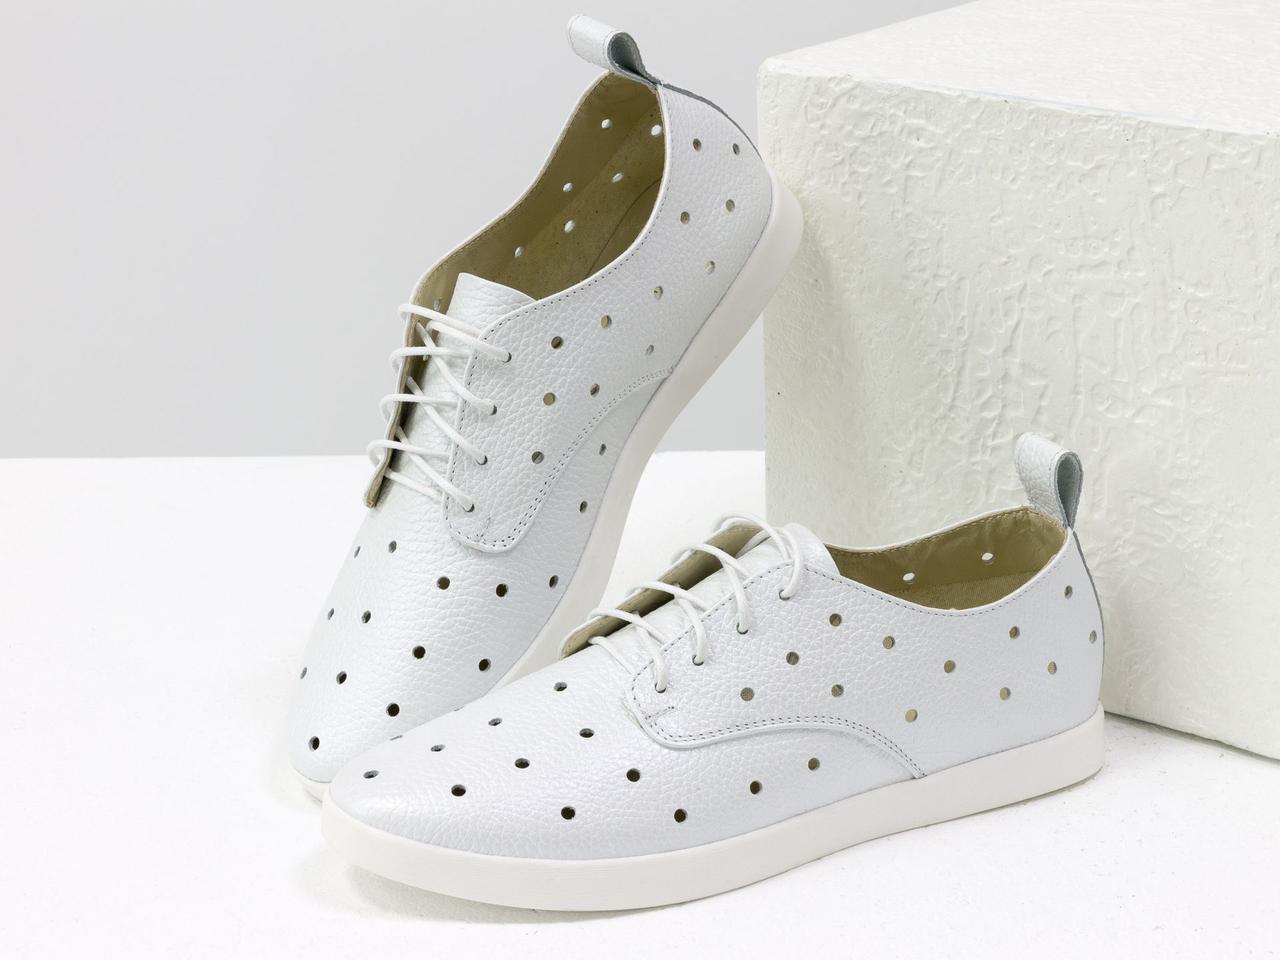 Легкие туфли из натуральной кожи белого цвета с перфорацией по всей поверхности 39 - фото 1